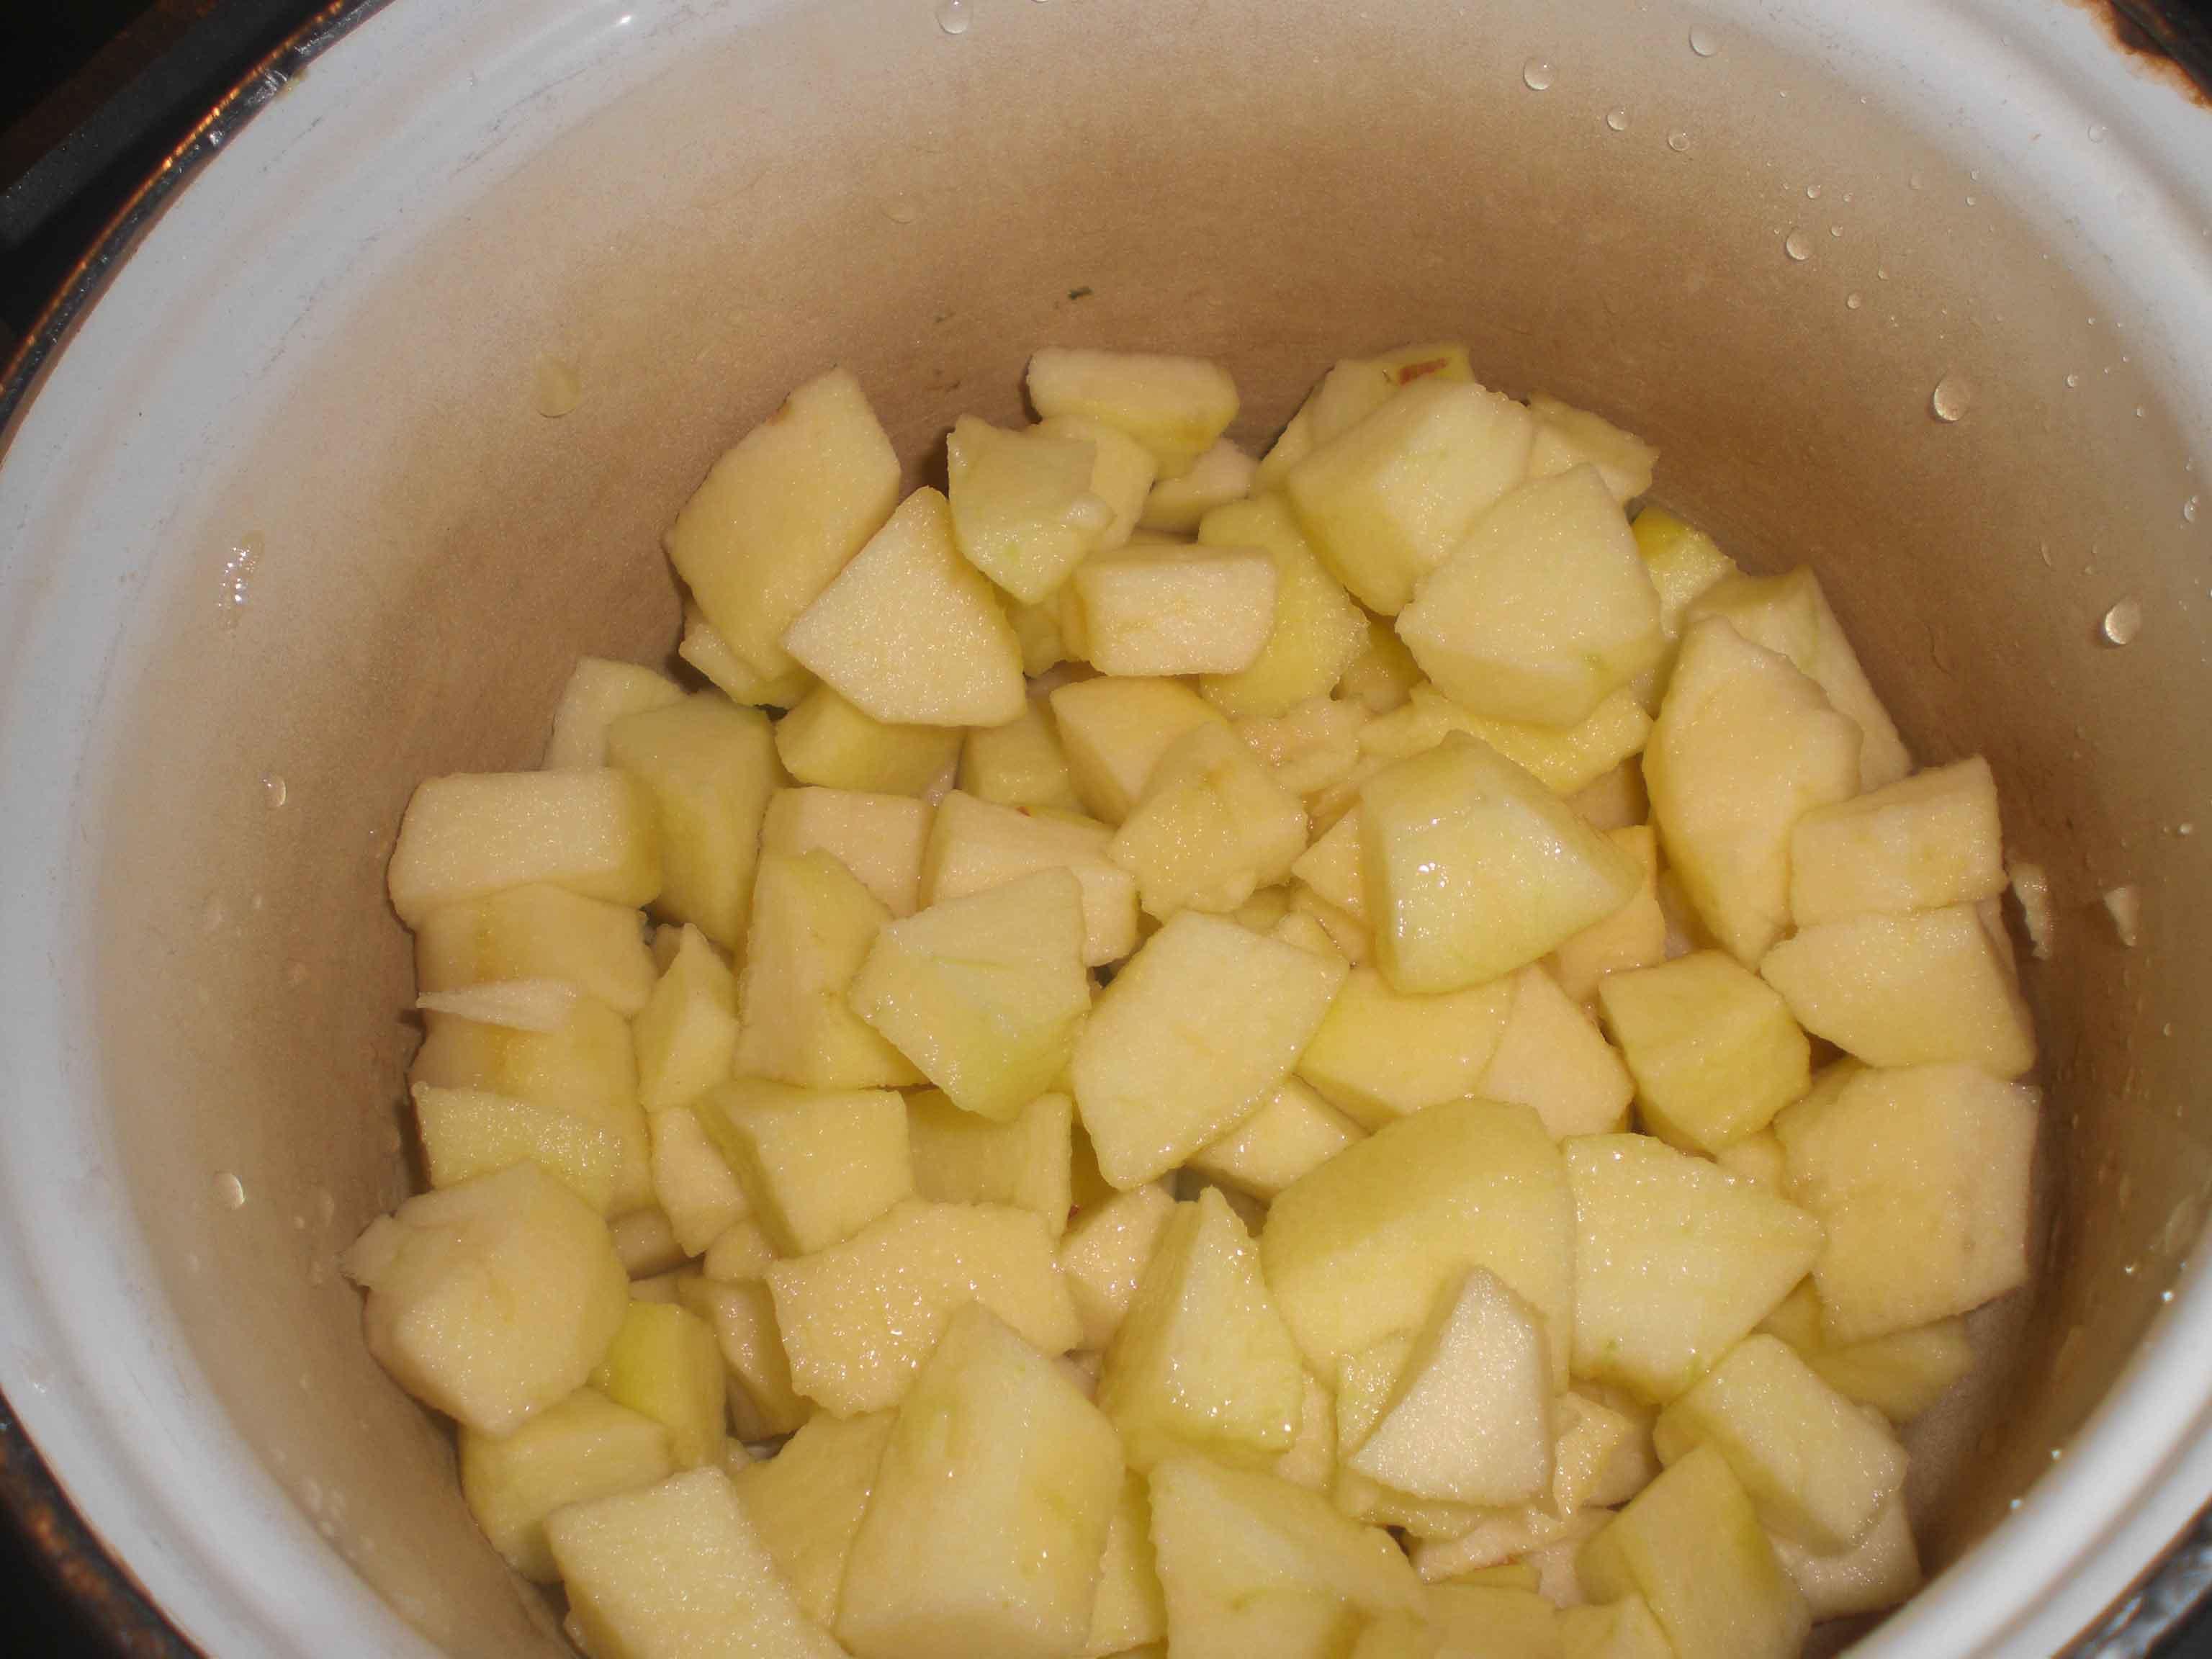 Læg de skyllede æbler i en kasserolle eller lille gryde.